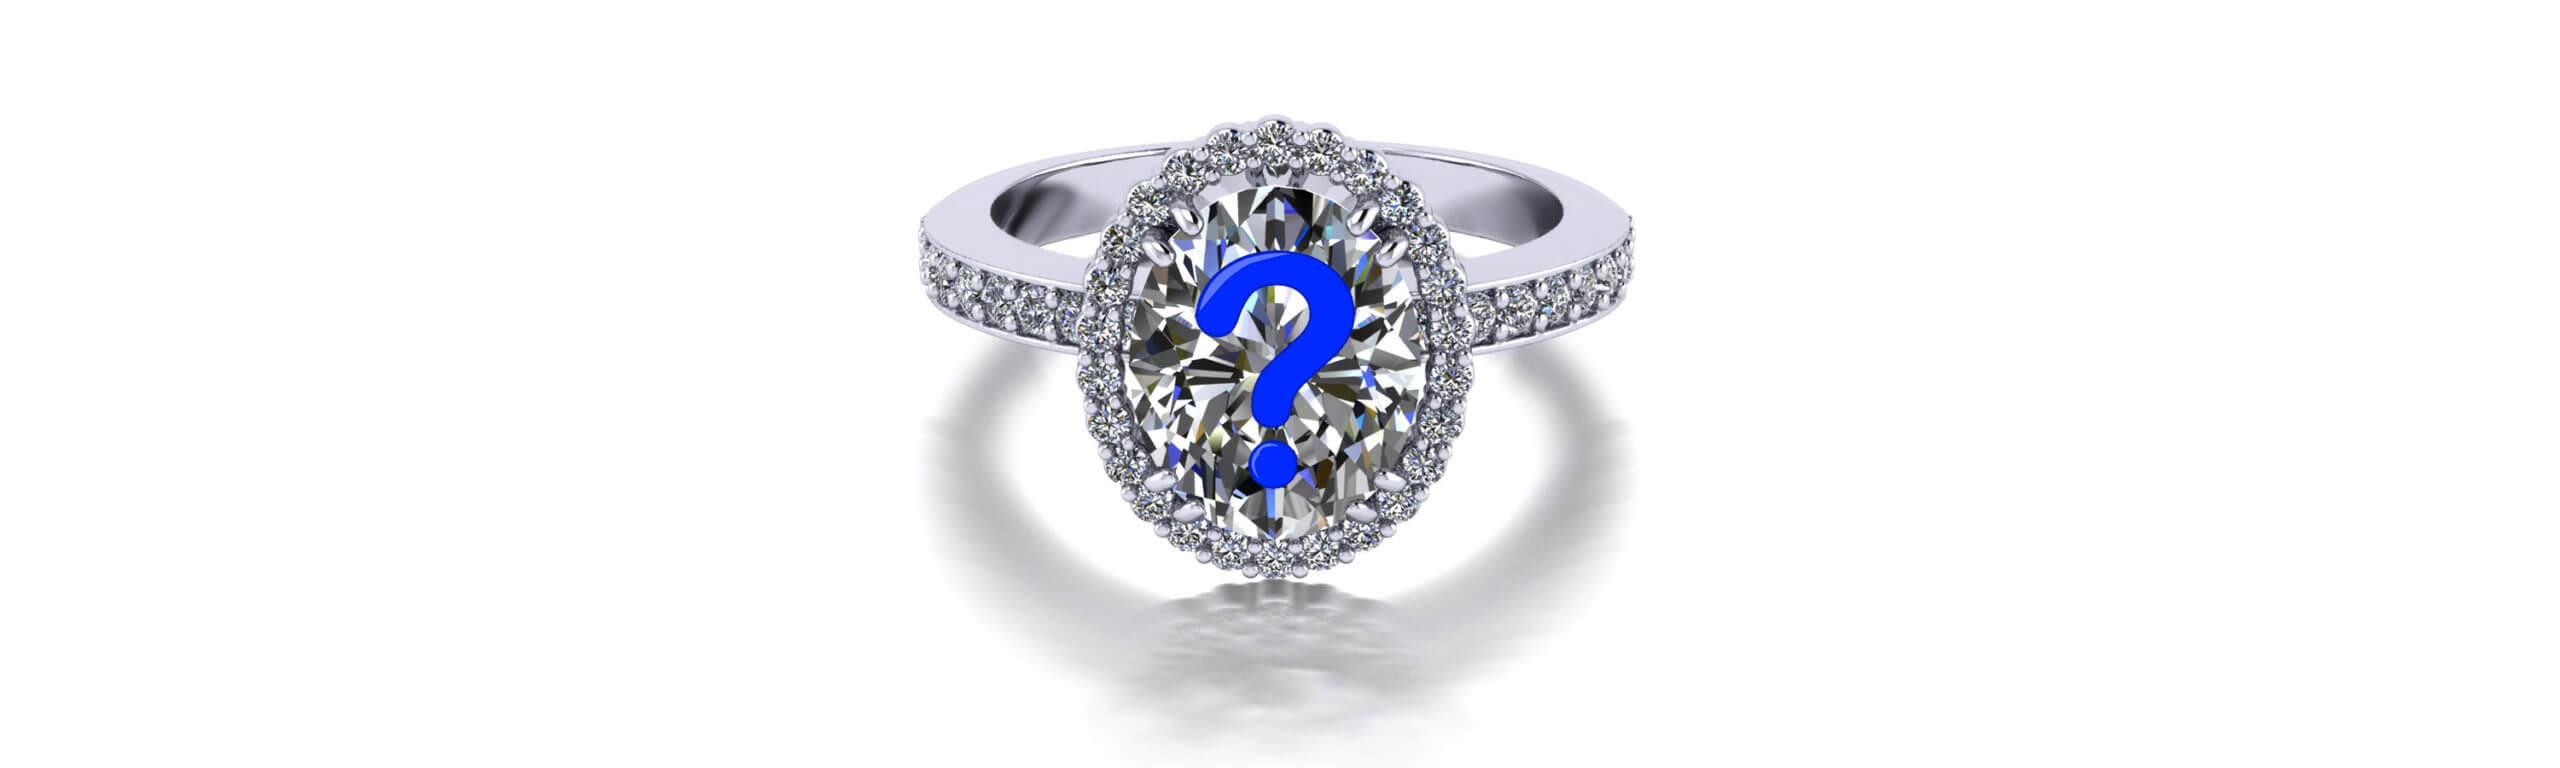 Moisonite Engagement Rings